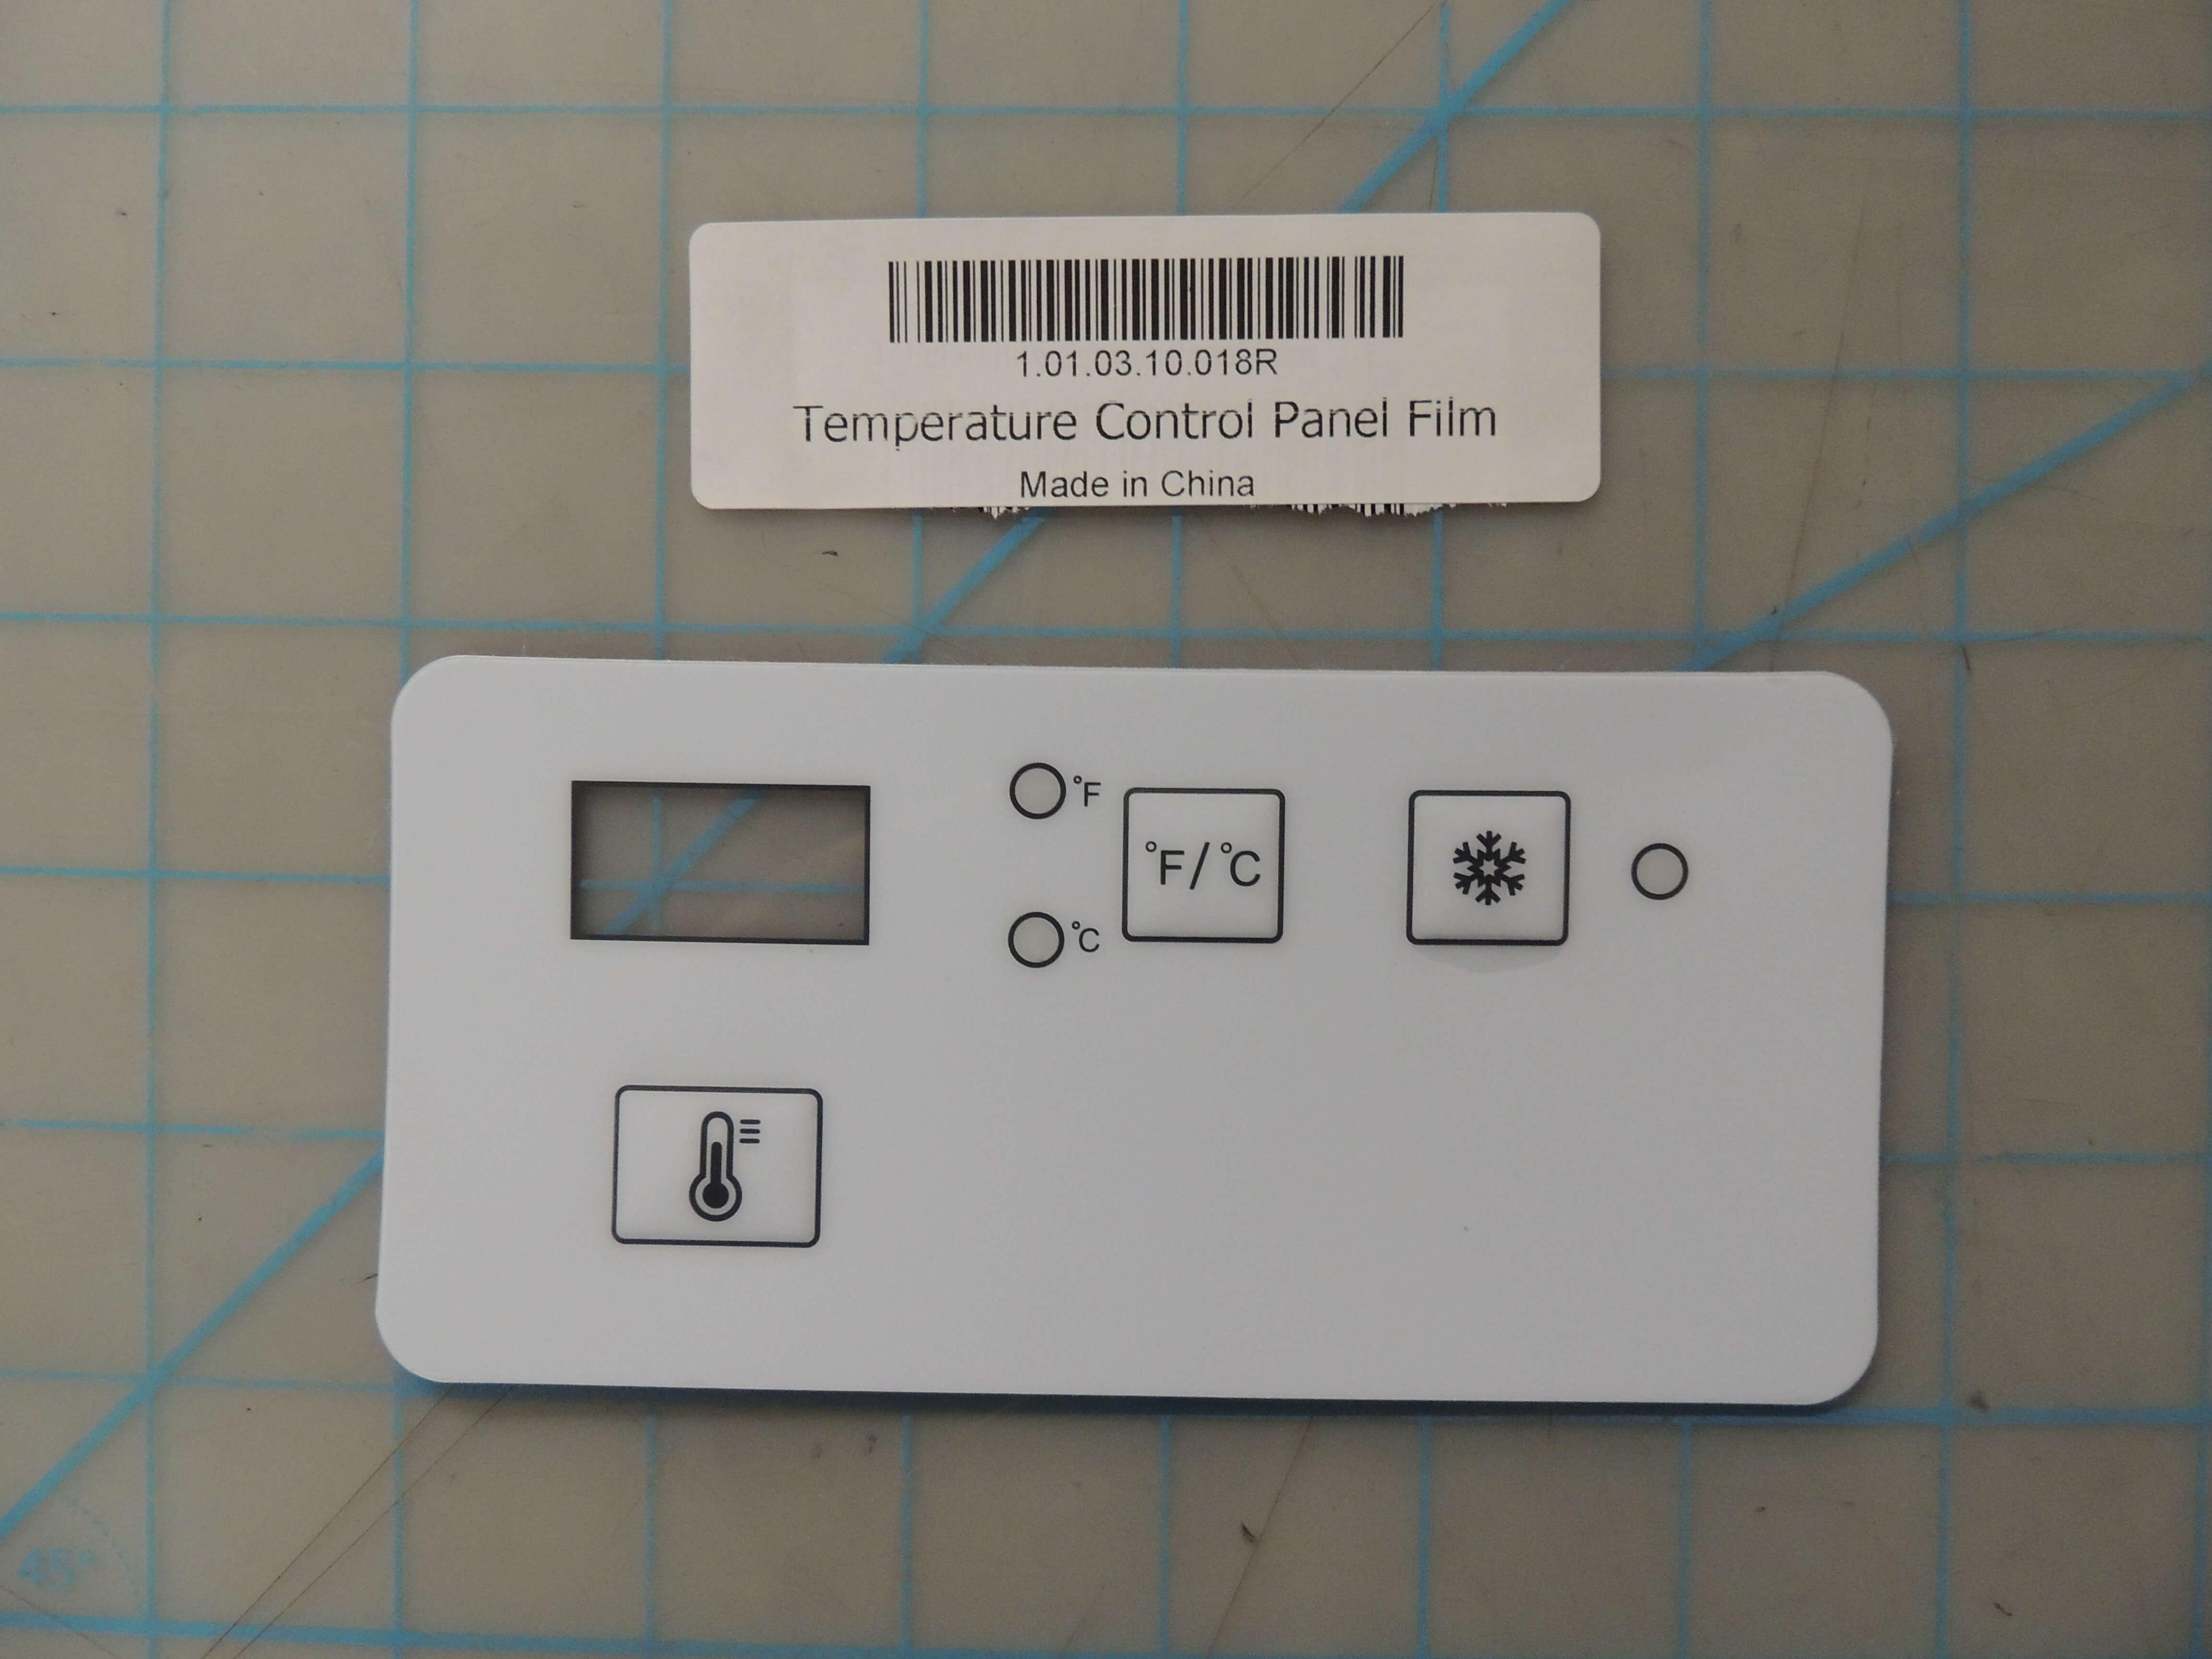 Temperature Control Panel Film